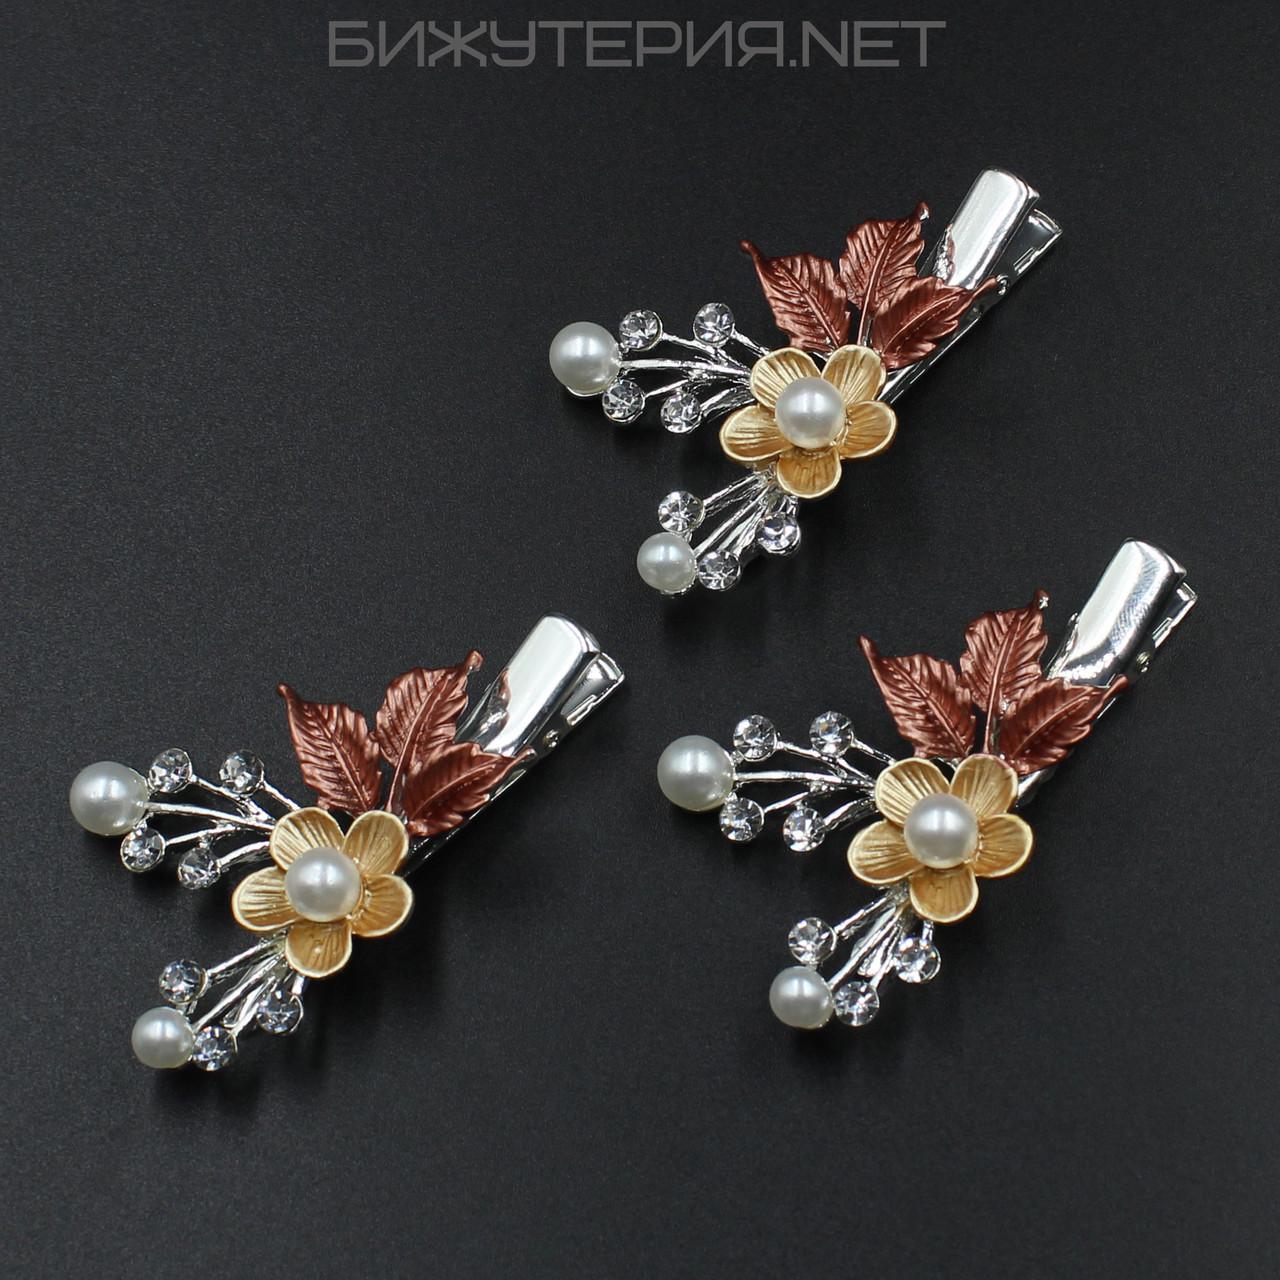 Заколка зажим для волос 3 шт JB, золотая эмаль цвет металла Silver - 1045334369